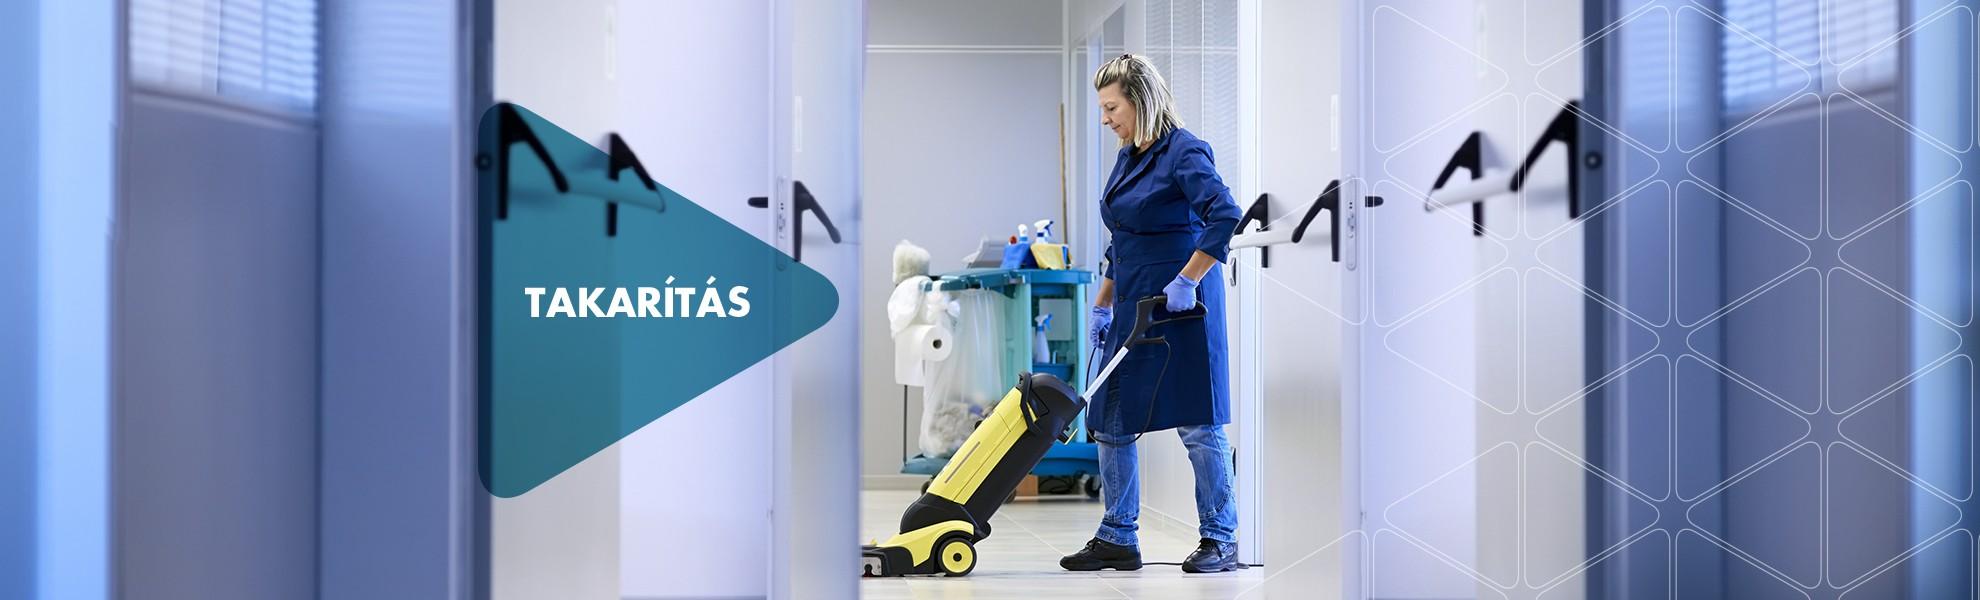 Prizma Csoport - Műszaki üzemeltetés, létesítménygazdálkodás, takarítás, étkeztetés, kertészet, vagyonvédelem, flottakezelés: A Prizma Csoport teljes körű facility management szolgáltatásokat nyújt partnerei számára szerte az országban.